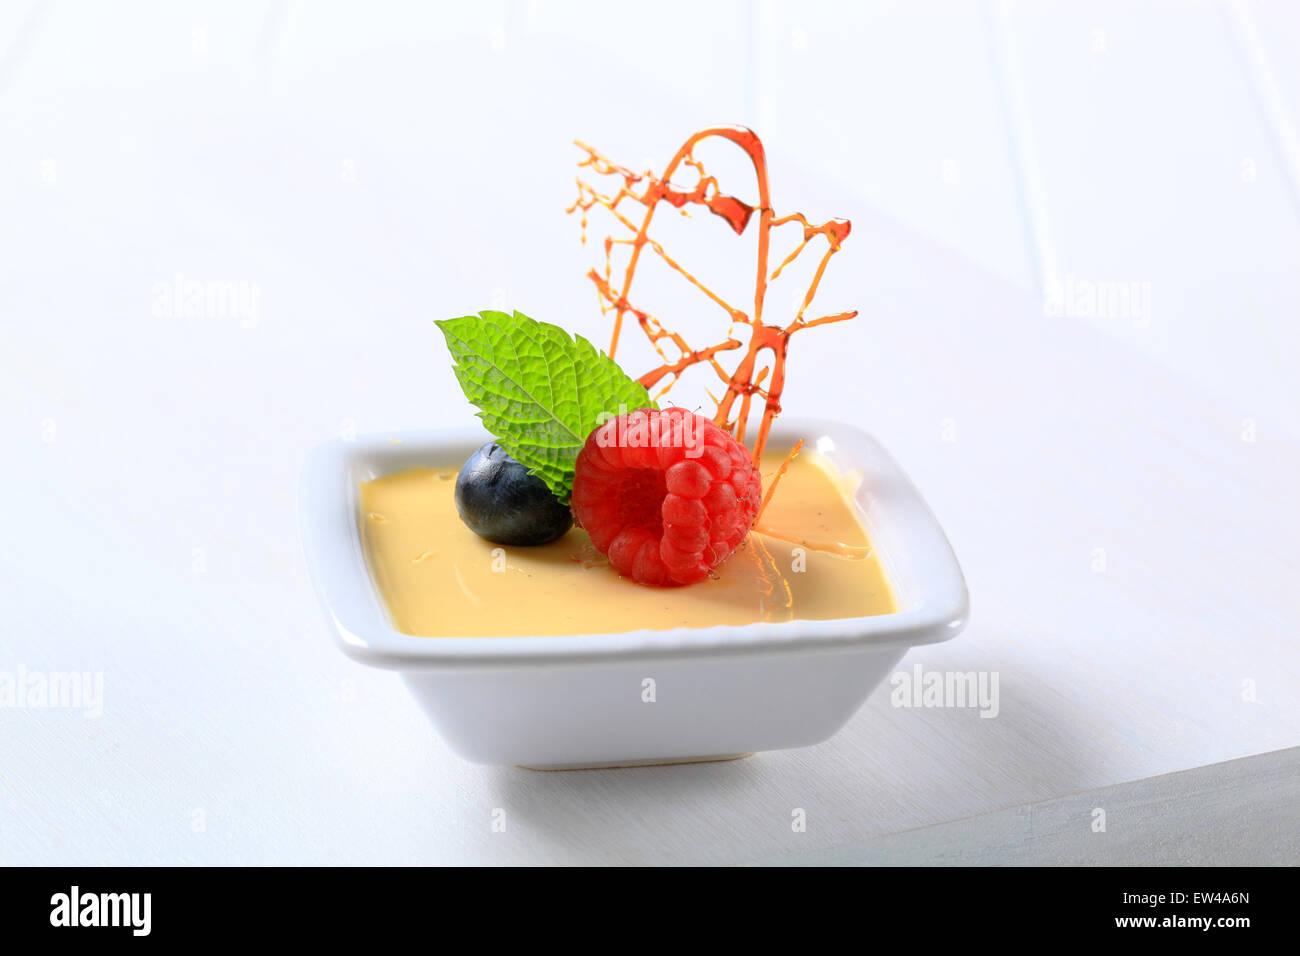 Kleine Schüssel mit Vanille Pudding mit Früchten garniert Stockbild